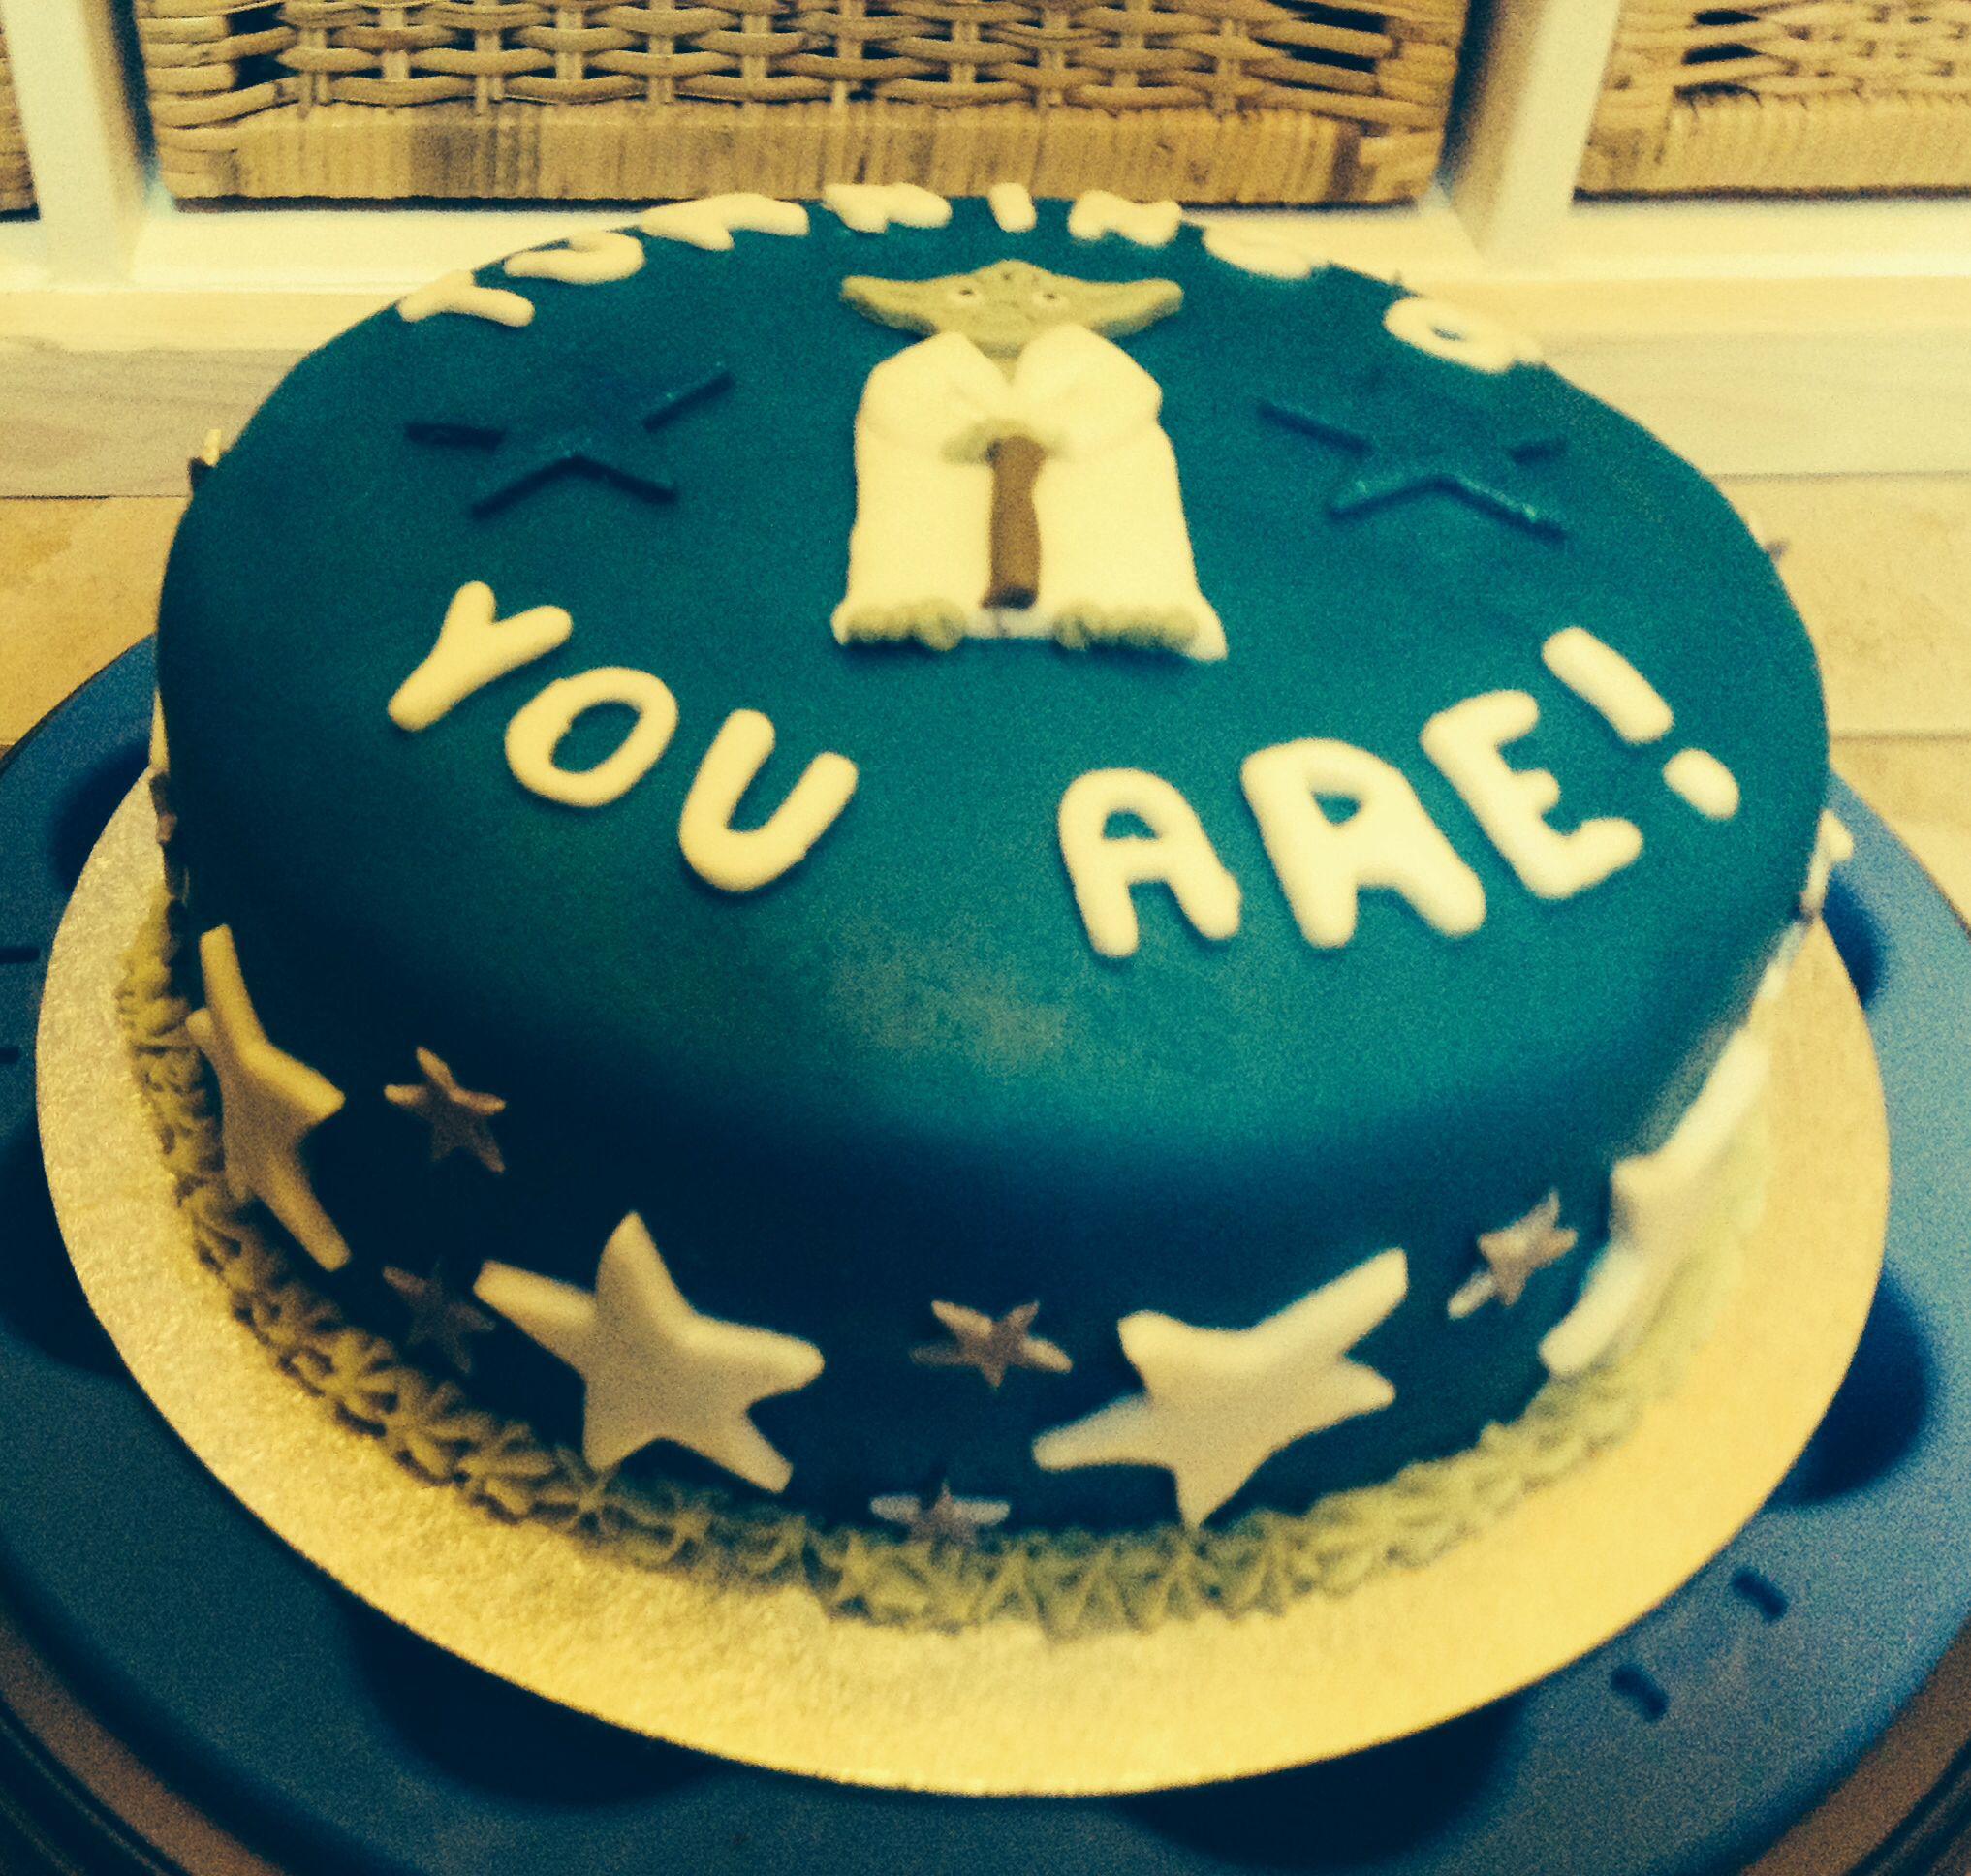 Ben's Yoda birthday cake